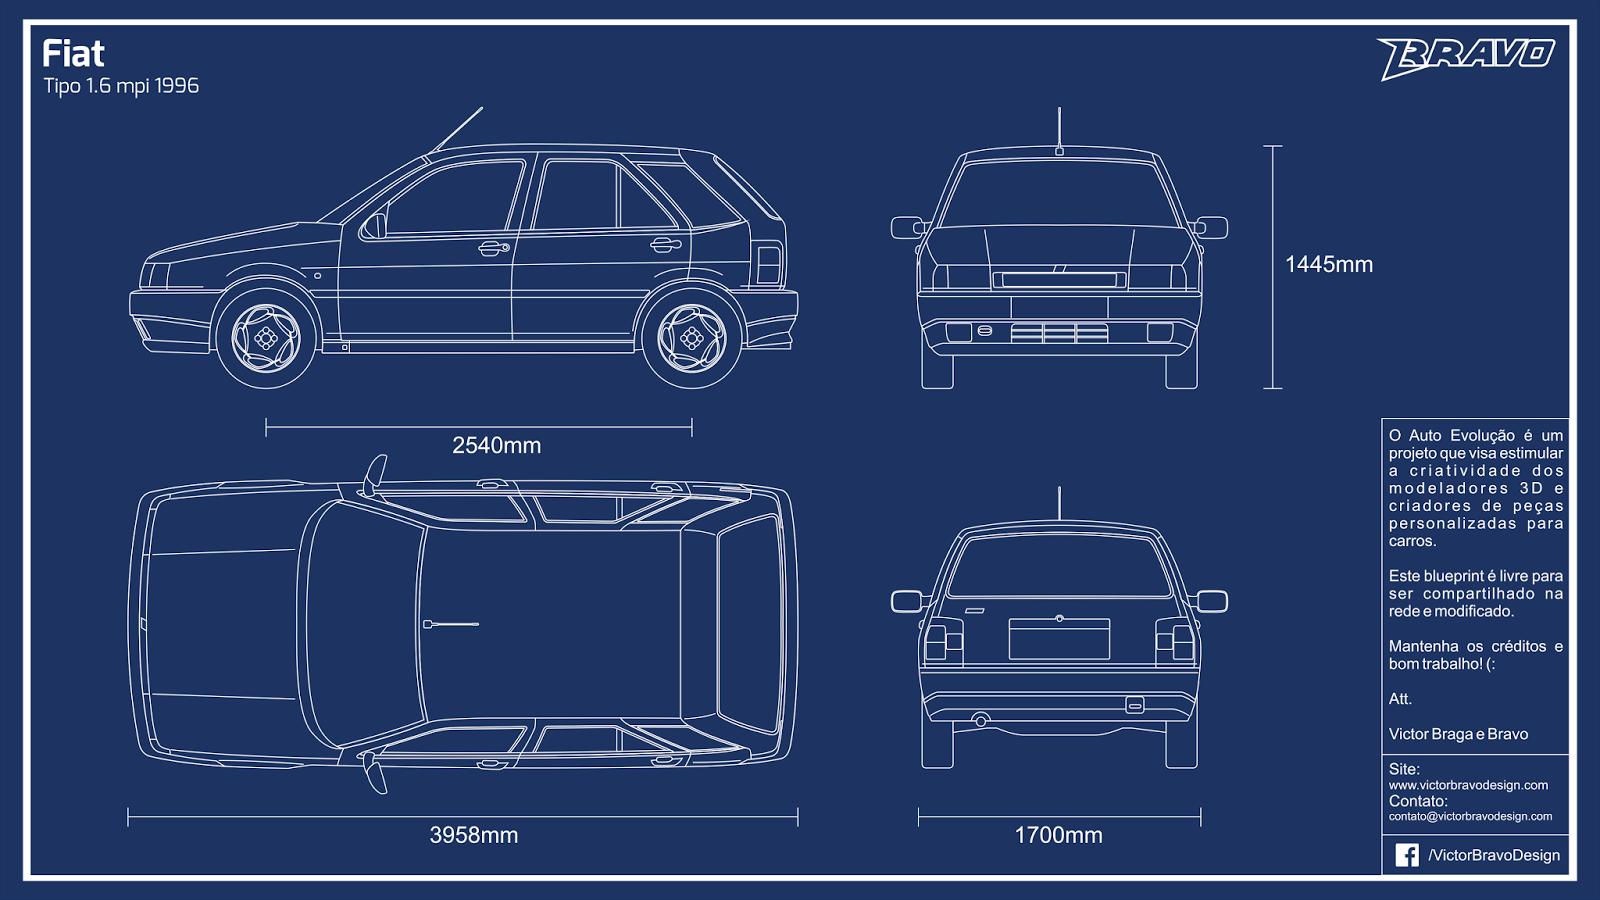 Imagem mostrando o blueprint do Fiat Tipo 1.6 mpi 1996